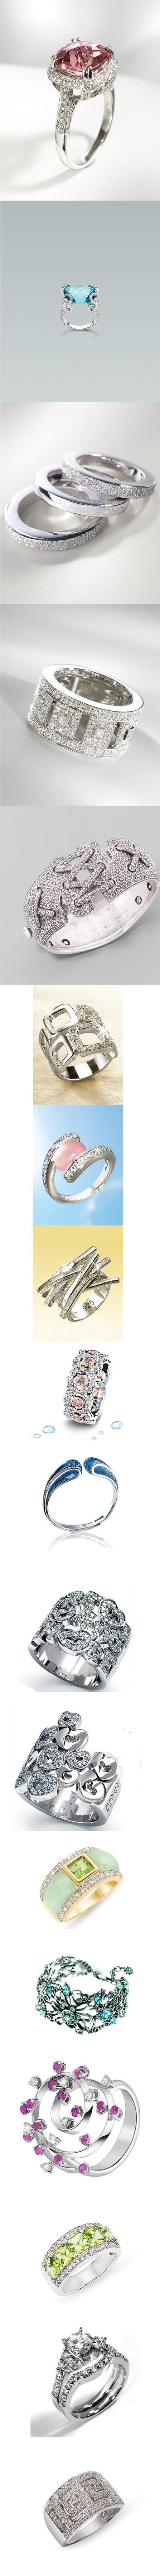 خواتم الماس غريبه والوان رائعة